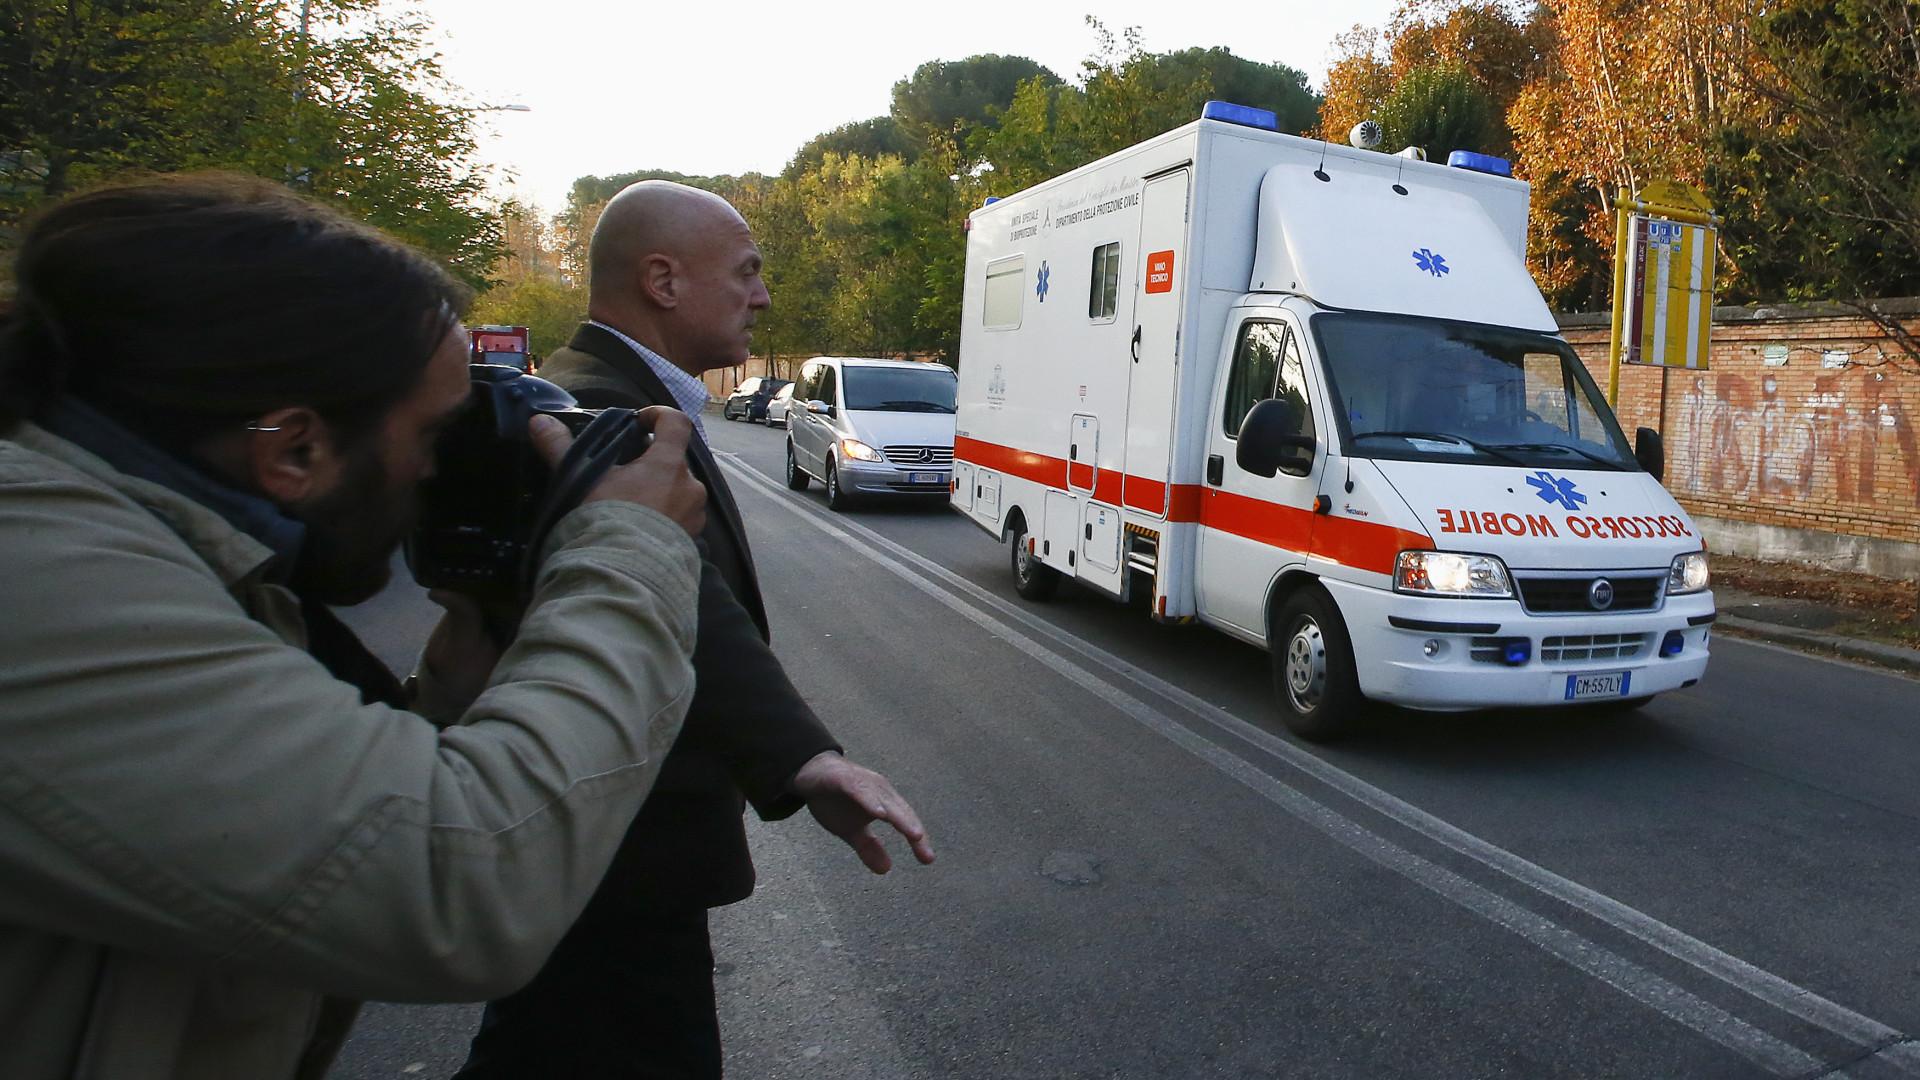 Lazio-Sevilla manchado de sangue: Quatro feridos, um em estado grave